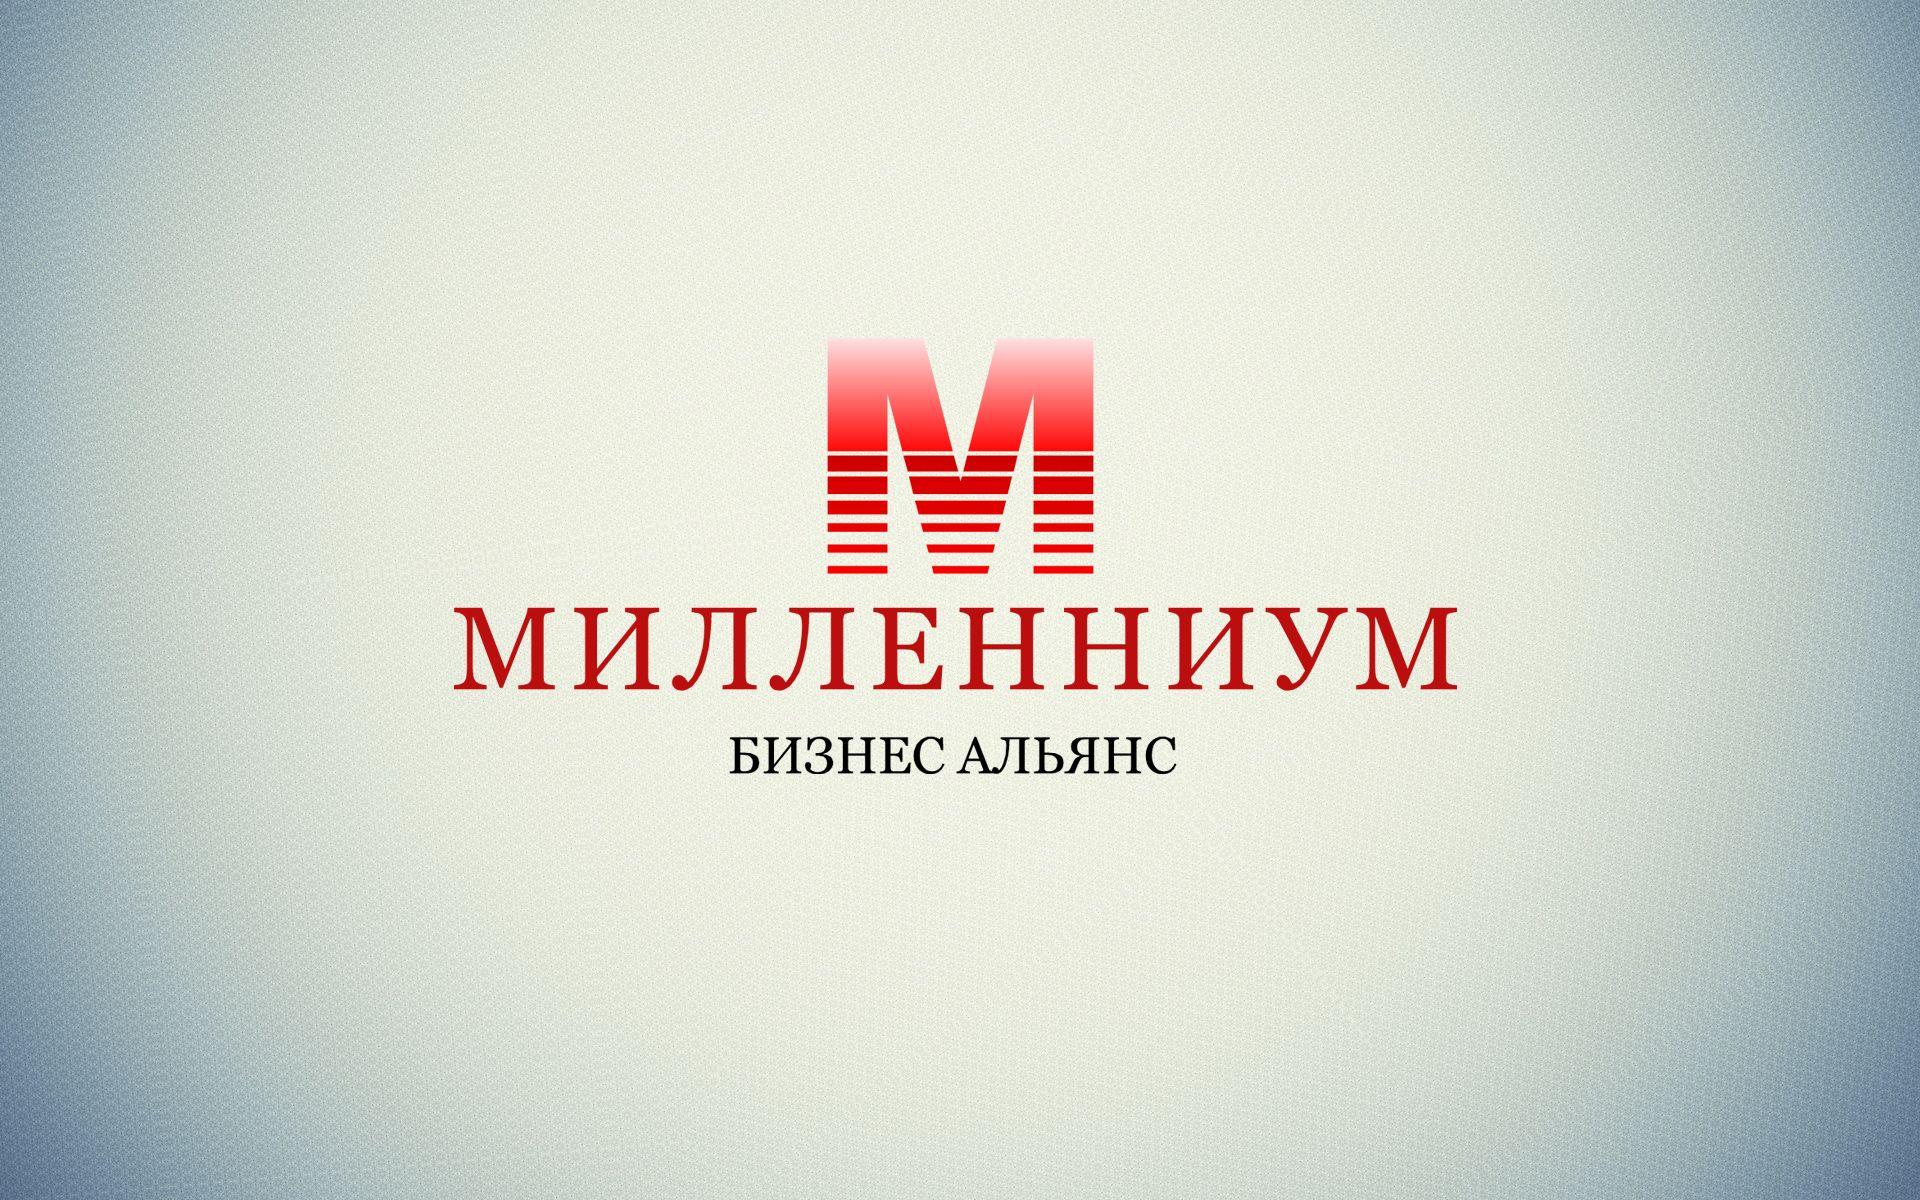 Бизнес Альянс Милленниум - дизайнер koleanike